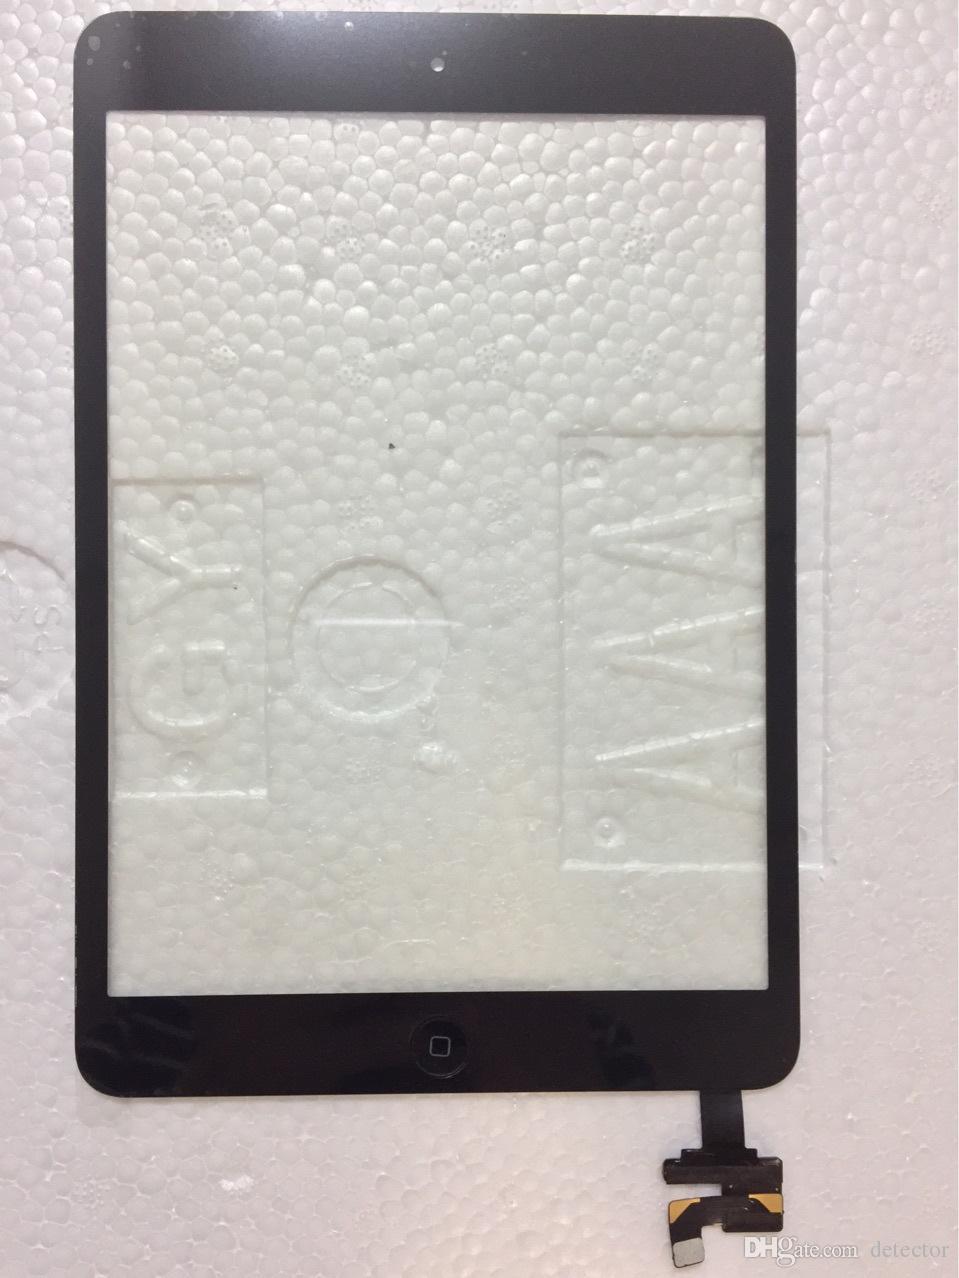 İPad 2 Siyah ve Beyaz için sayısallaştırıcı Tablet 7.9 inç Dokunmatik Ekran Cam Panel Sayısallaştırıcı Ücretsiz DHL